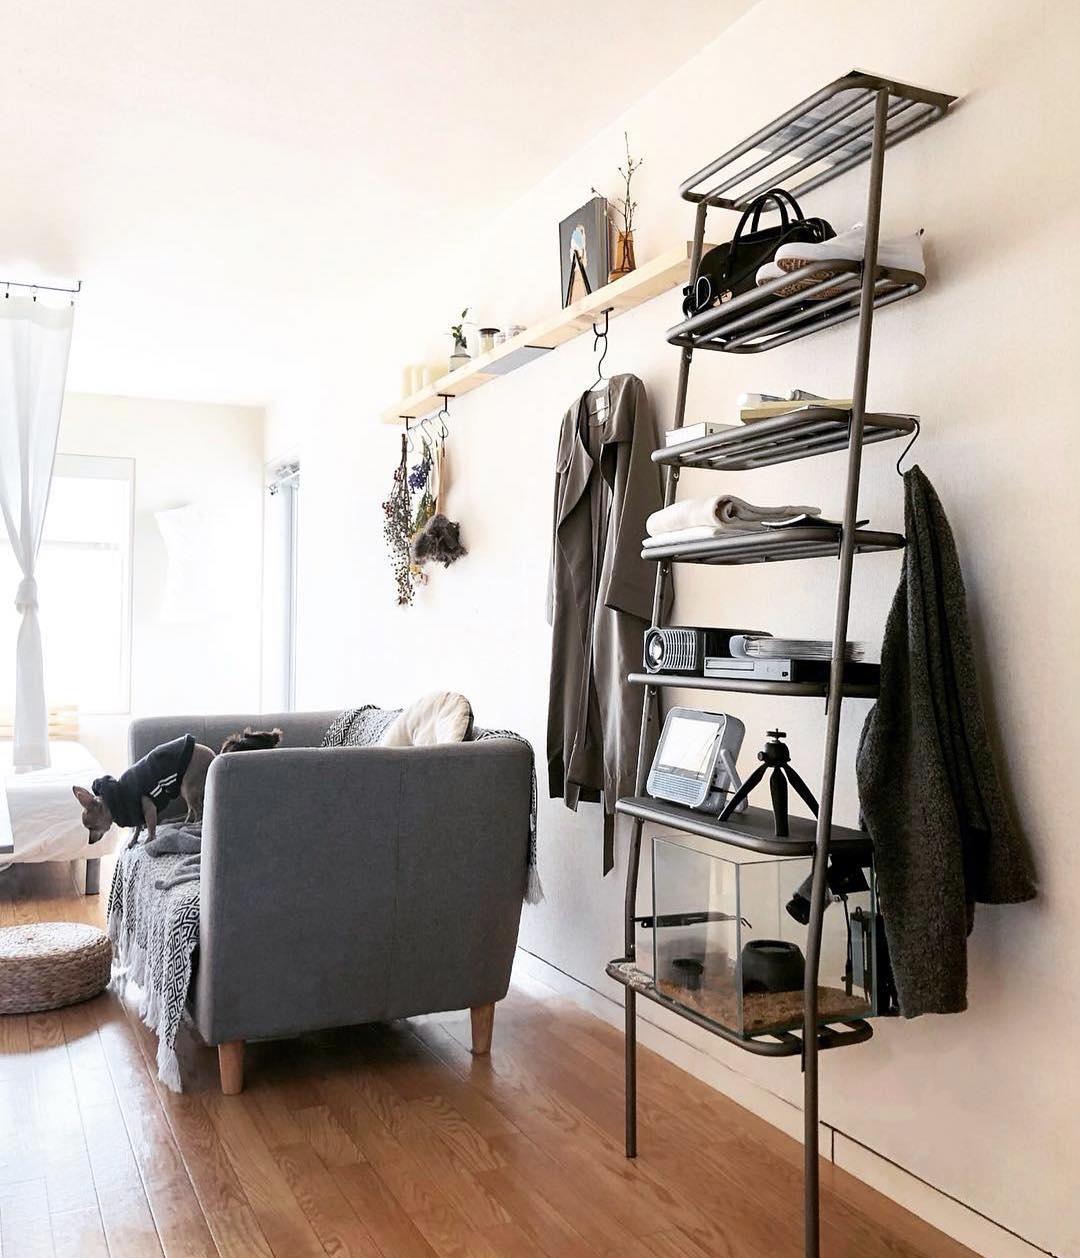 お気に入りのコレクションや愛用品をドンドン載せるだけで絵になる!シンプルな「立て掛け式スチールラック」|DUENDE WALL RACK(デュエンデ ウォール ラック)